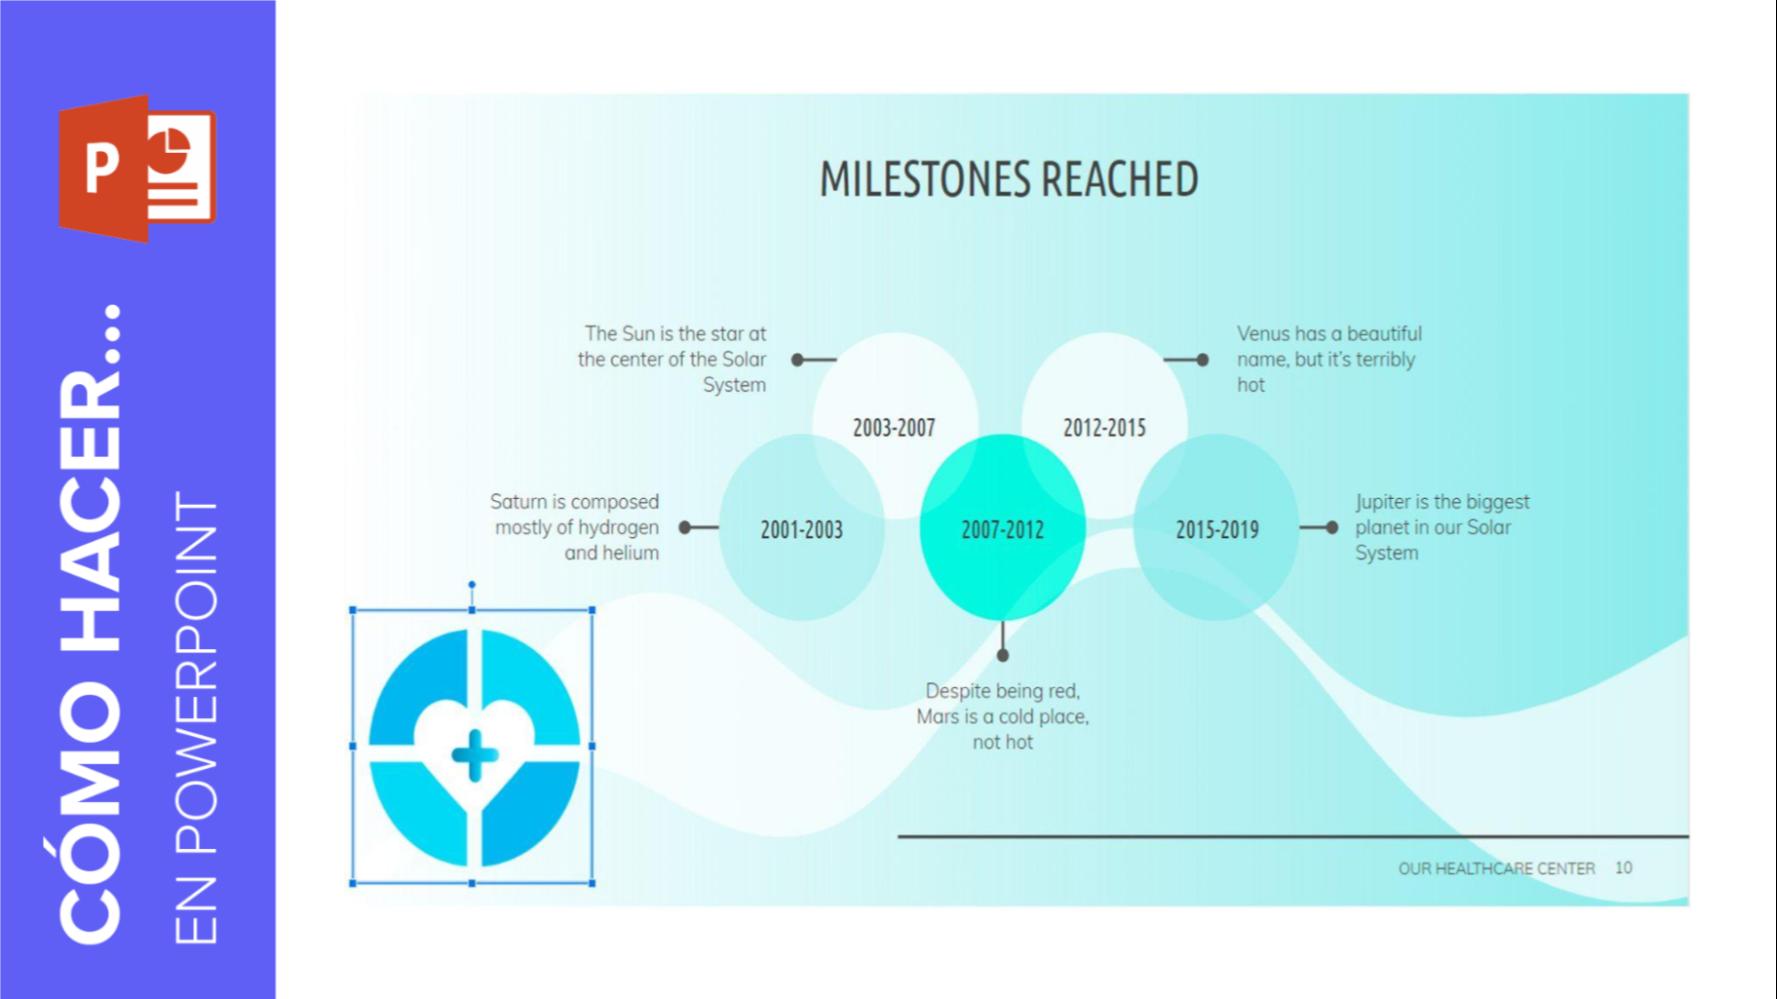 Cómo insertar marcas de agua en PowerPoint | Tutoriales y Tips para tus presentaciones